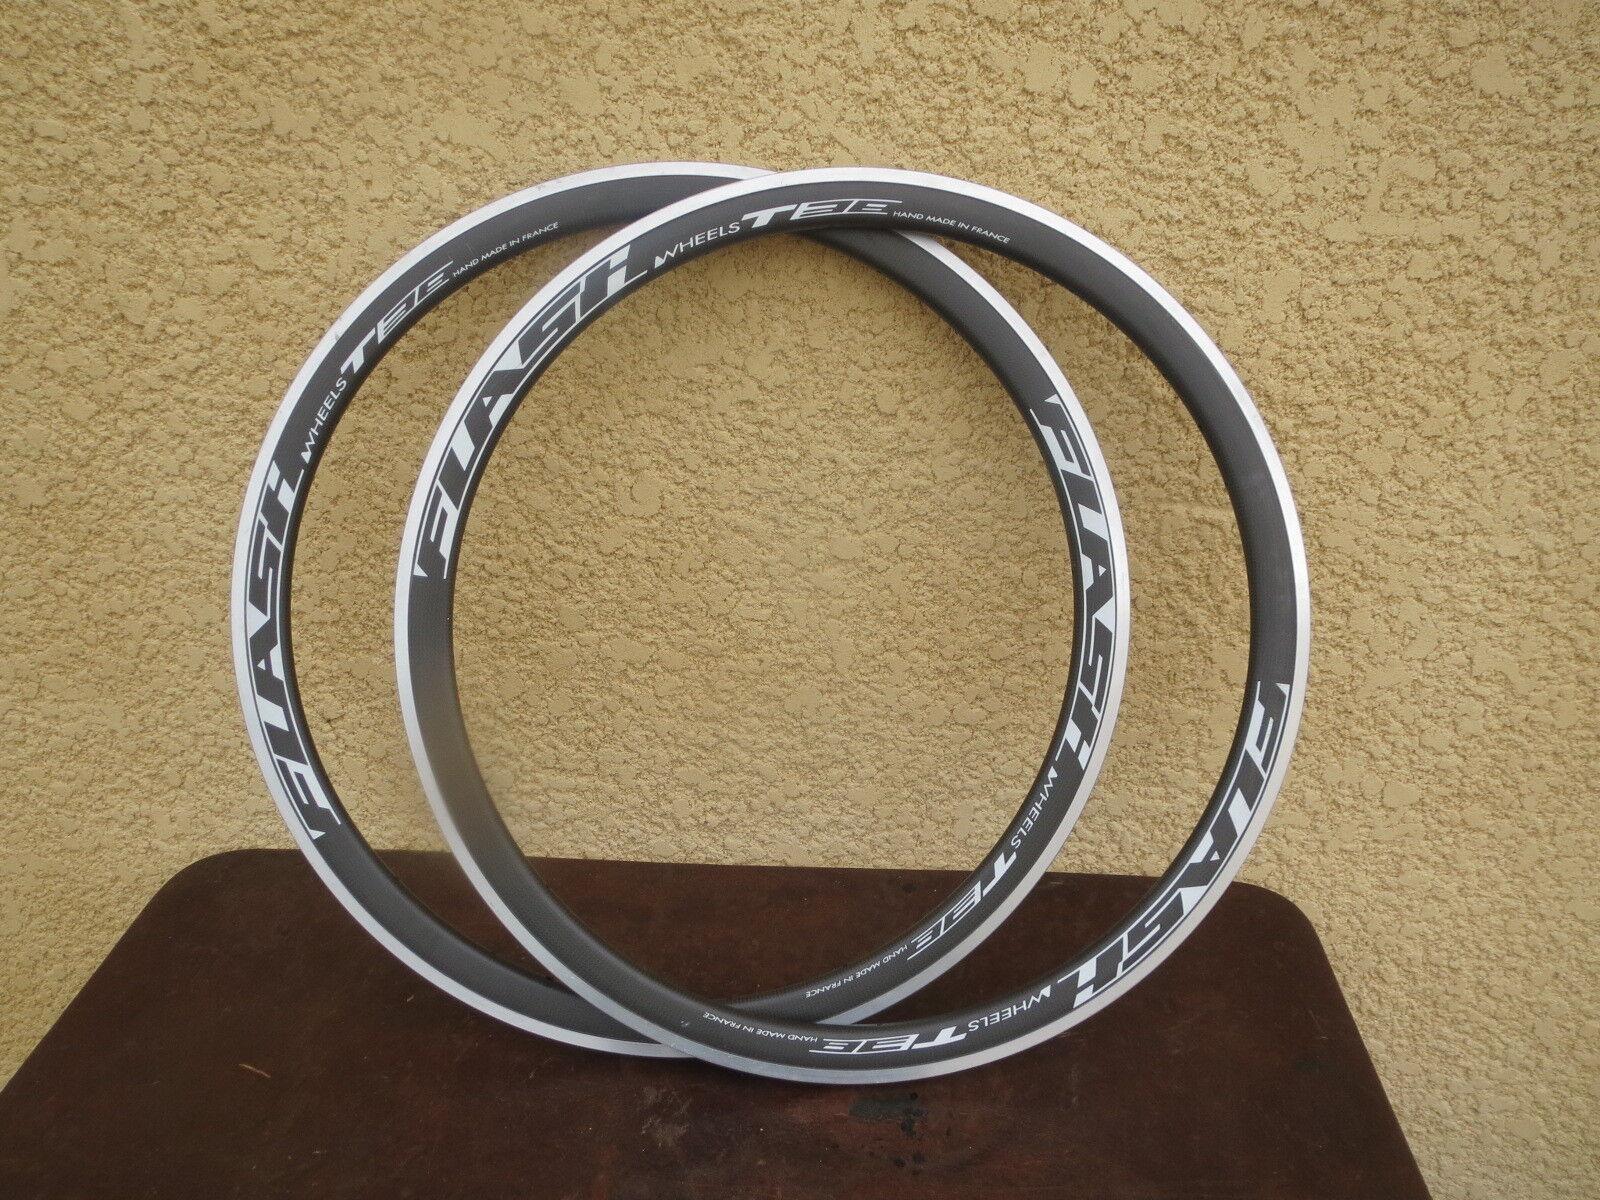 Par llantas de bicicleta FLASH RUEDAS T 38 aluminio carbone hecho a mano